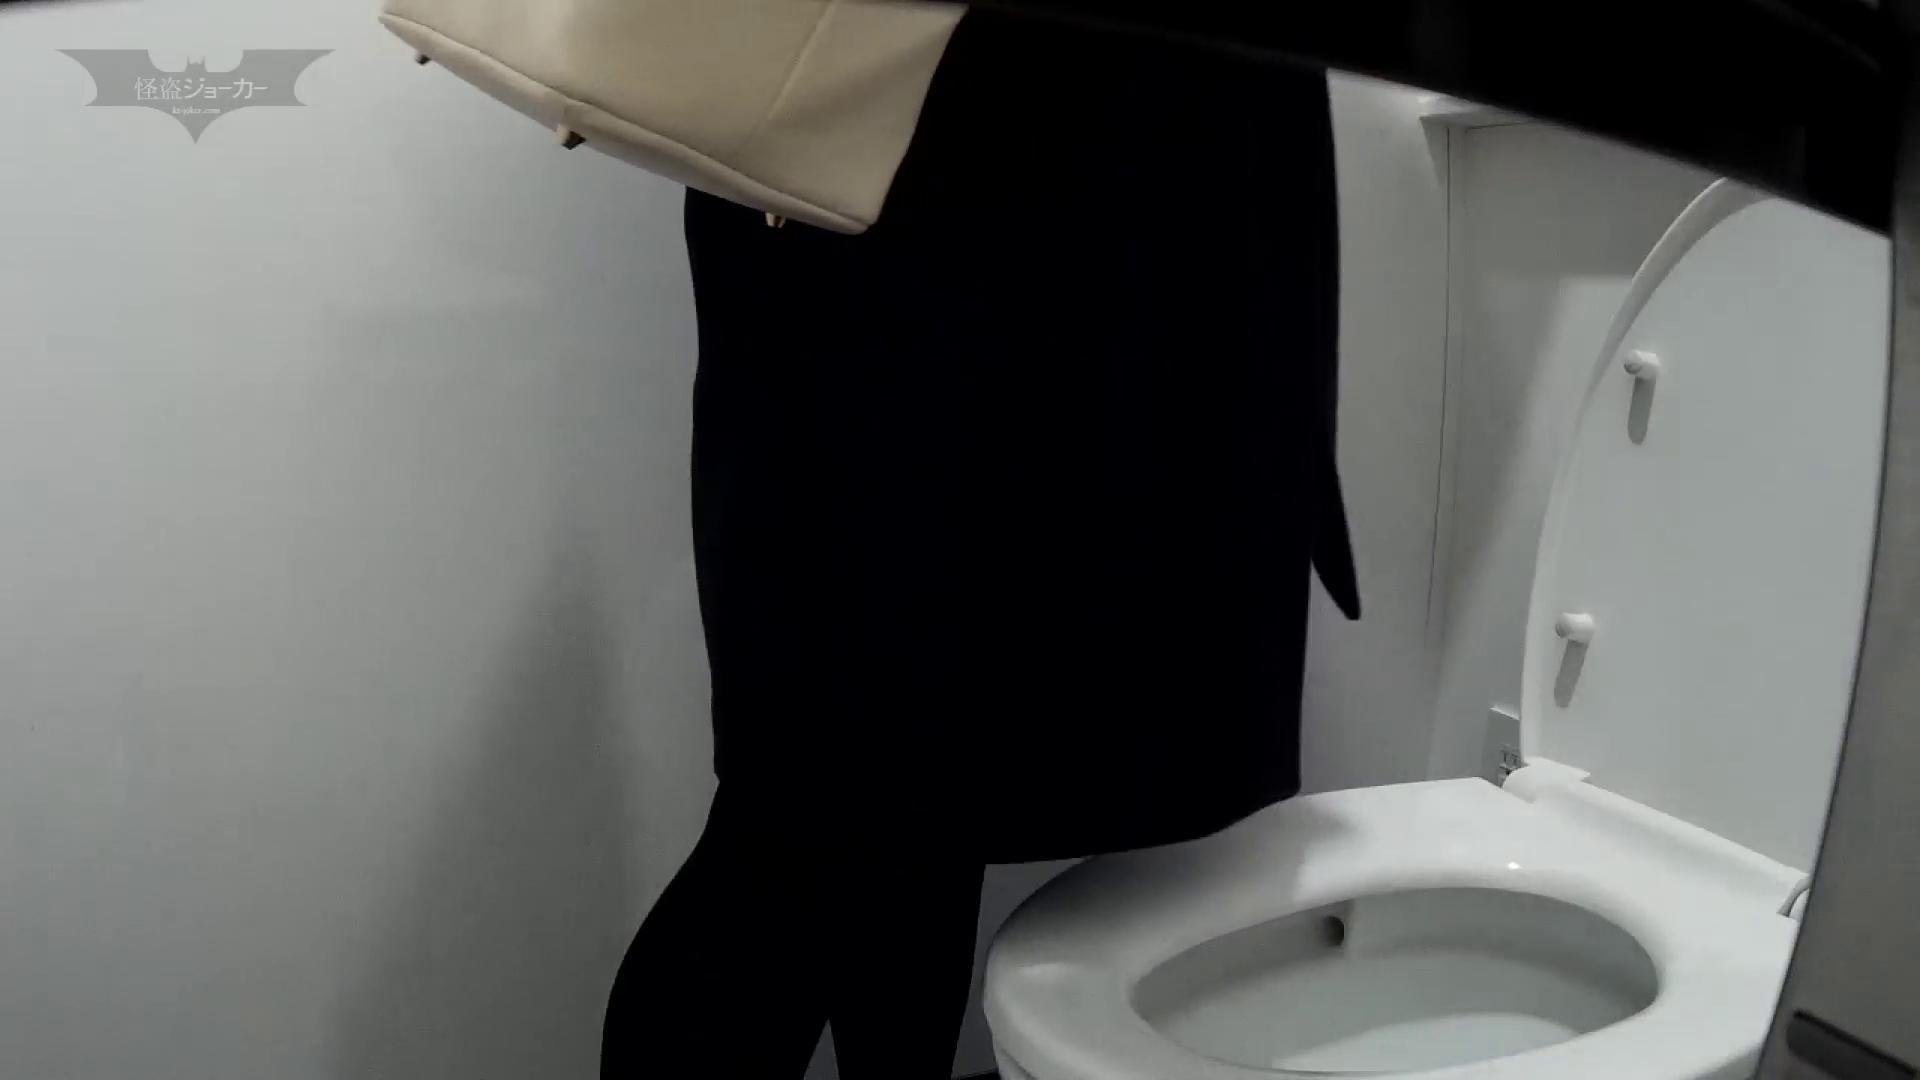 有名大学女性洗面所 vol.56 集まれもこもこ冬服美女!! 洗面所 性交動画流出 104PIX 2